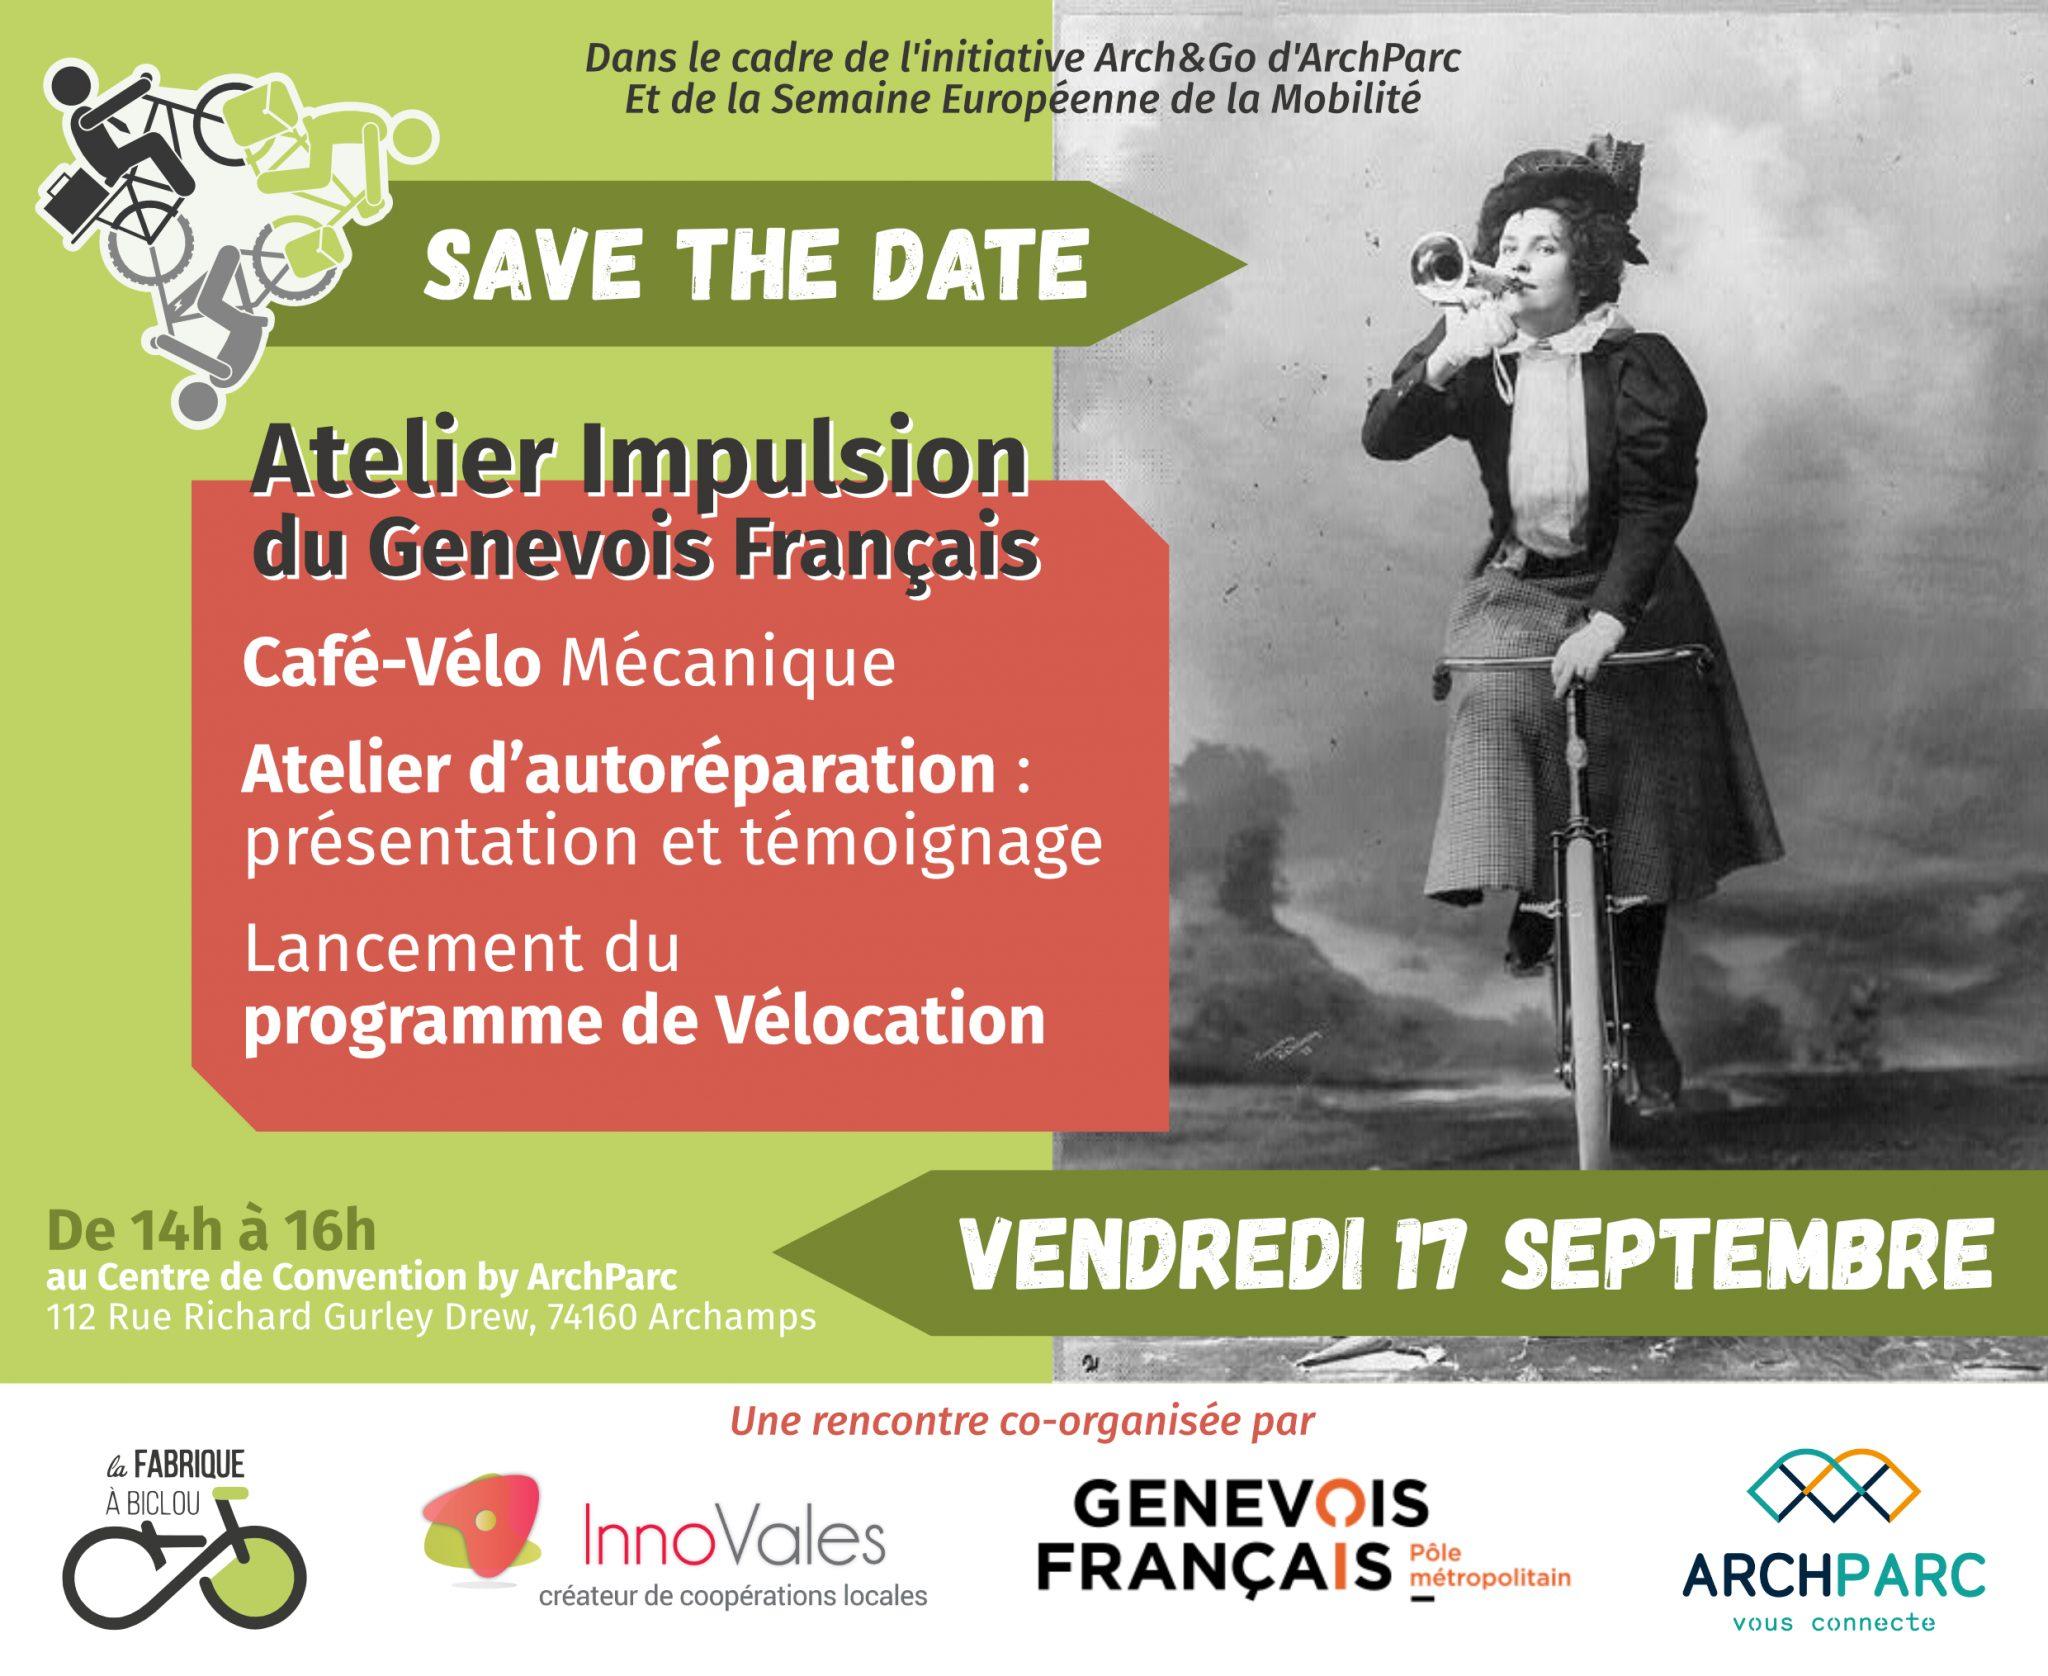 2021 07 Savethedate v3 2 scaled - Café vélo, atelier d'autoréparation, lancement du programme de vélocation